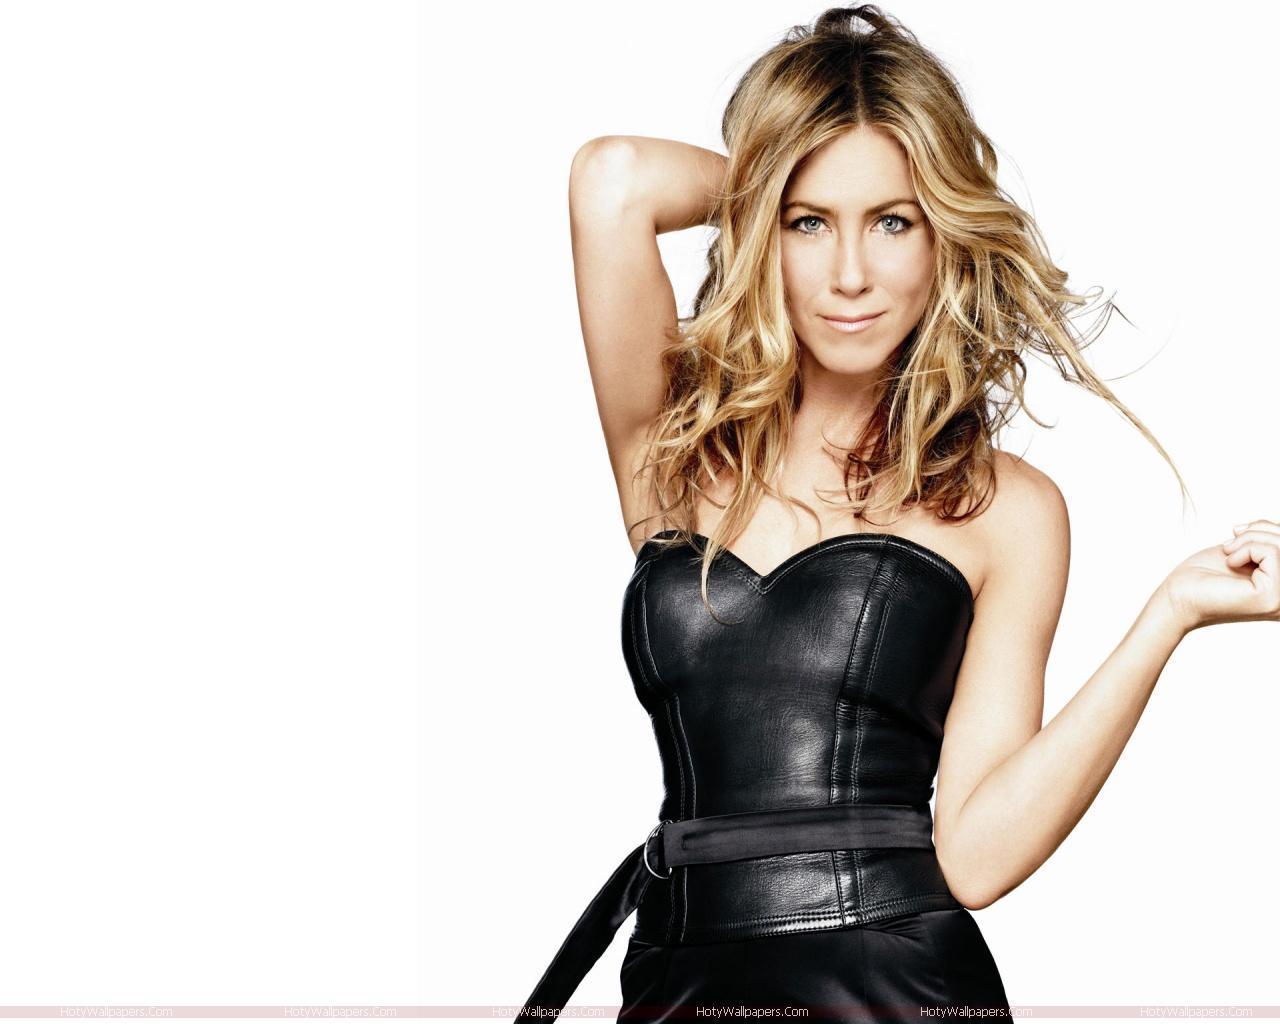 http://2.bp.blogspot.com/-jPM_9mXB4eY/TmYxVjGvWeI/AAAAAAAAKew/-AB1Ne7mWoo/s1600/Jennifer_Aniston_hd-wallpaper.jpg